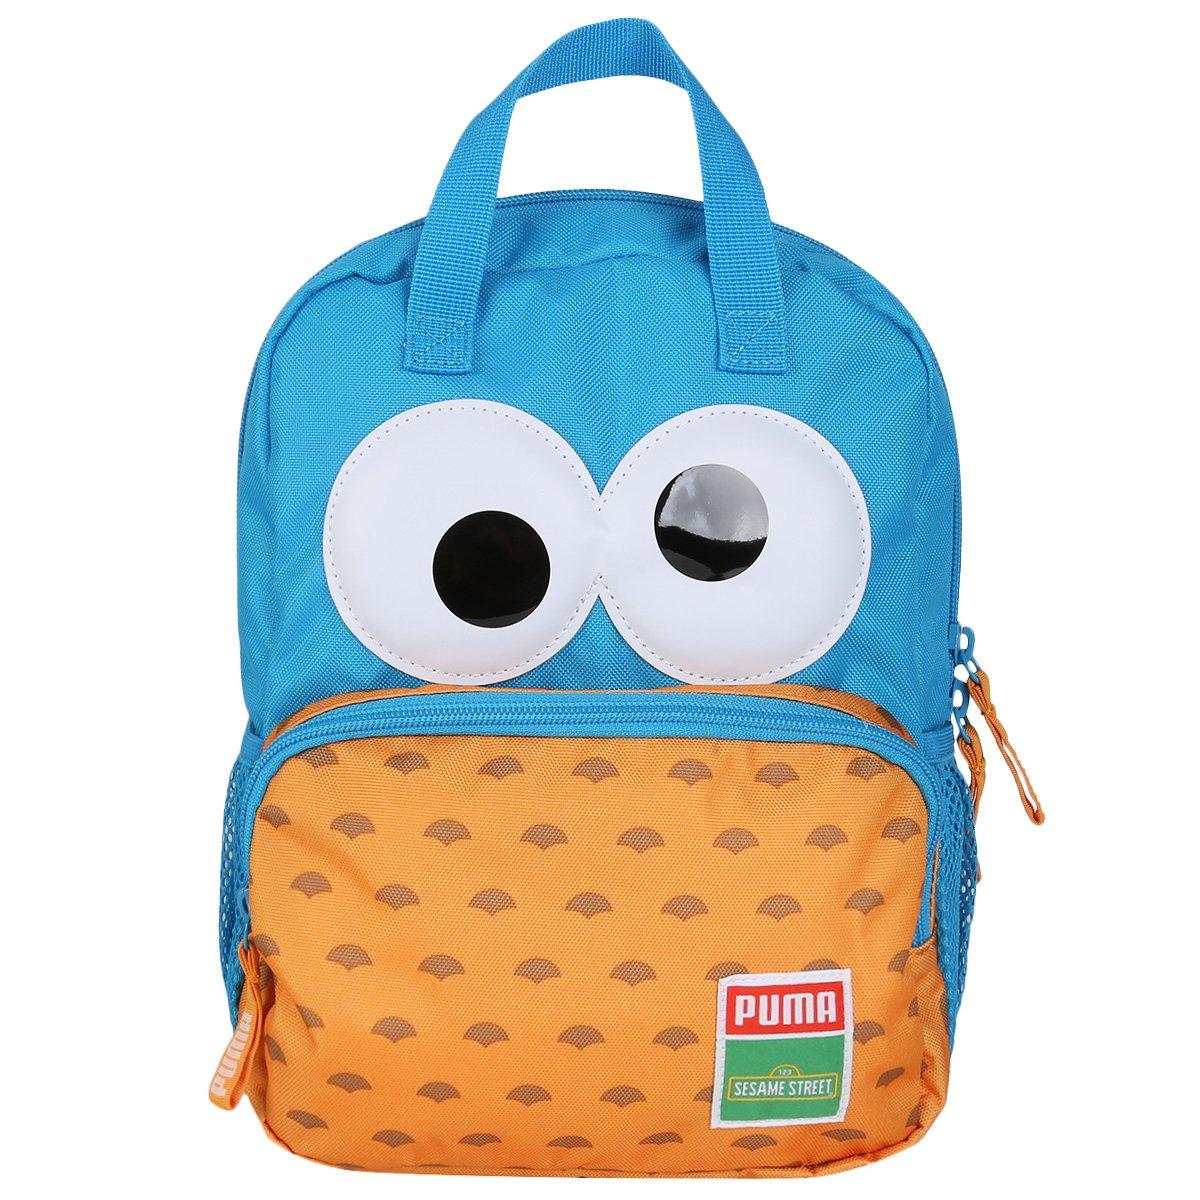 652df67710d Mochila Puma Sesame Street Small Backpack Infantil - Compre Agora ...